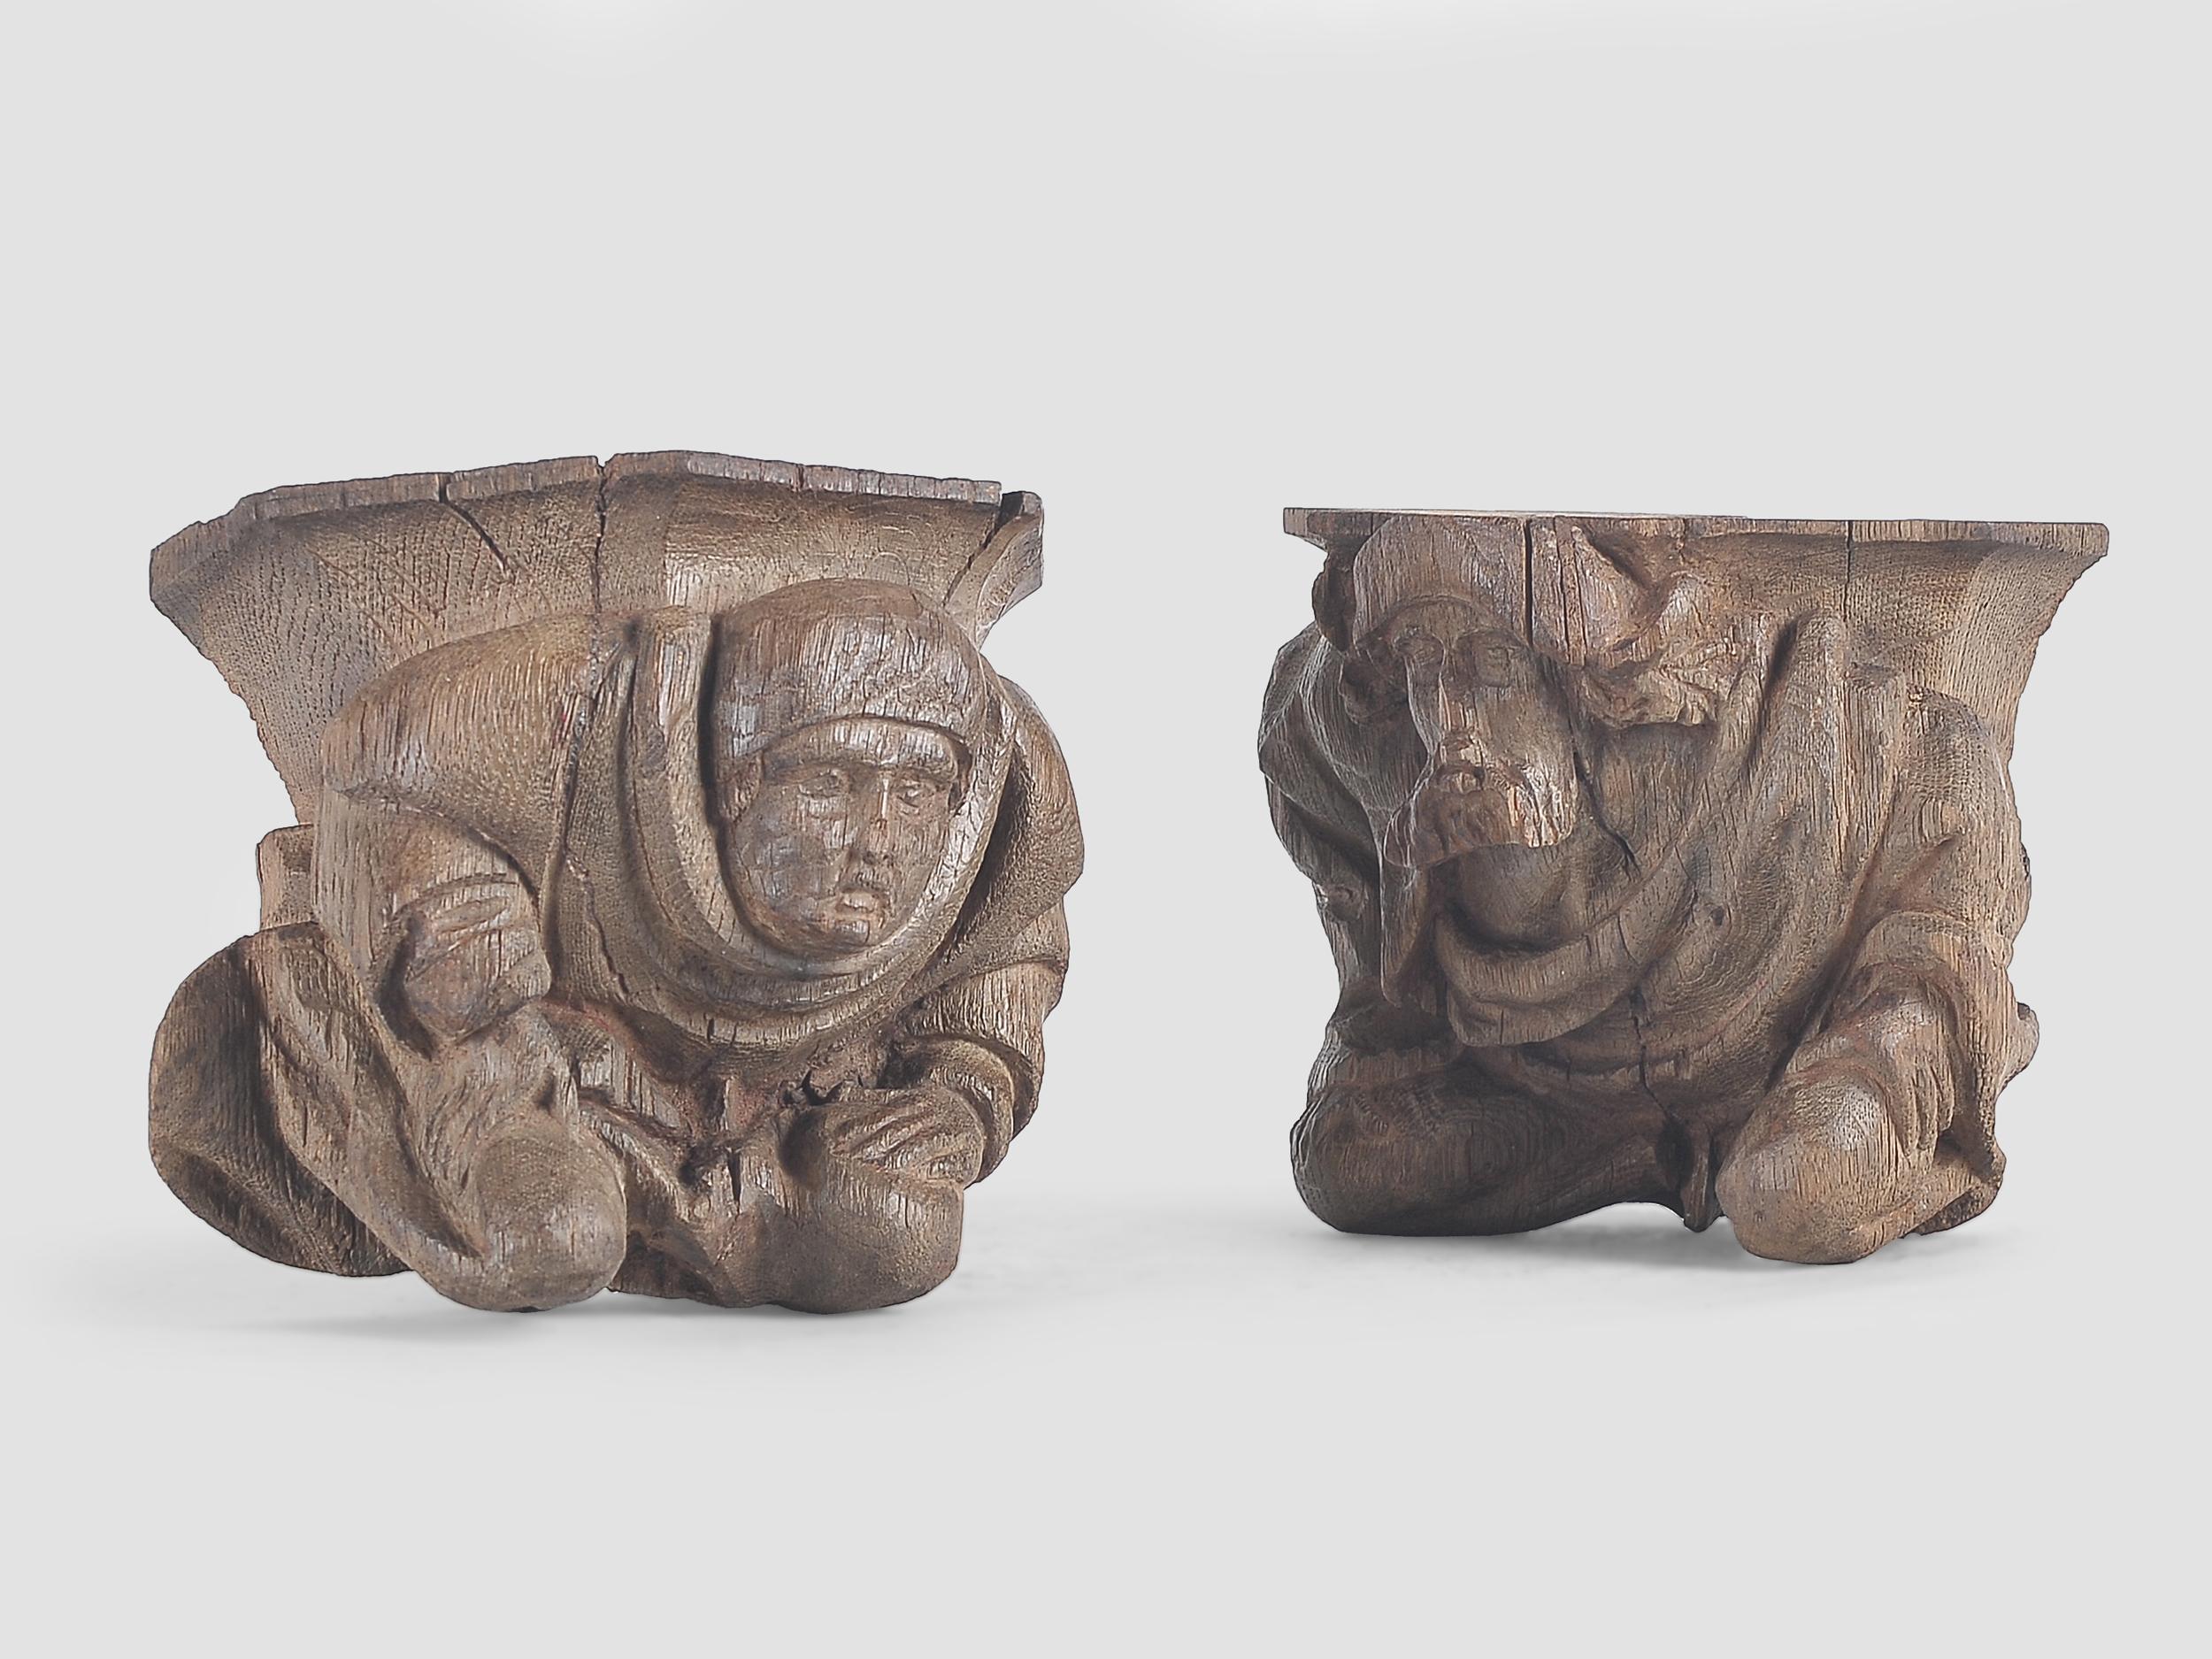 Paar Wandkonsolen, Französisch oder Flämisch um 1500 - Image 2 of 4